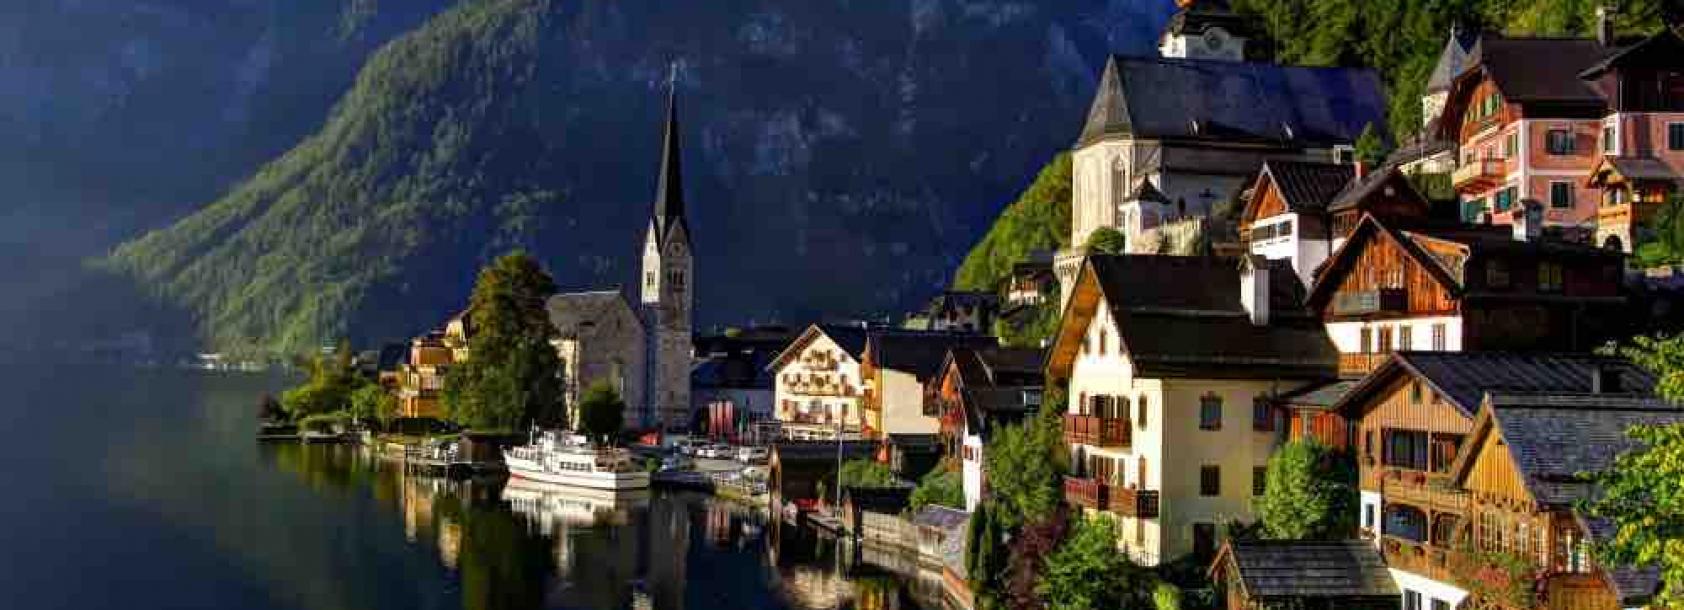 Austria_Hallstatt